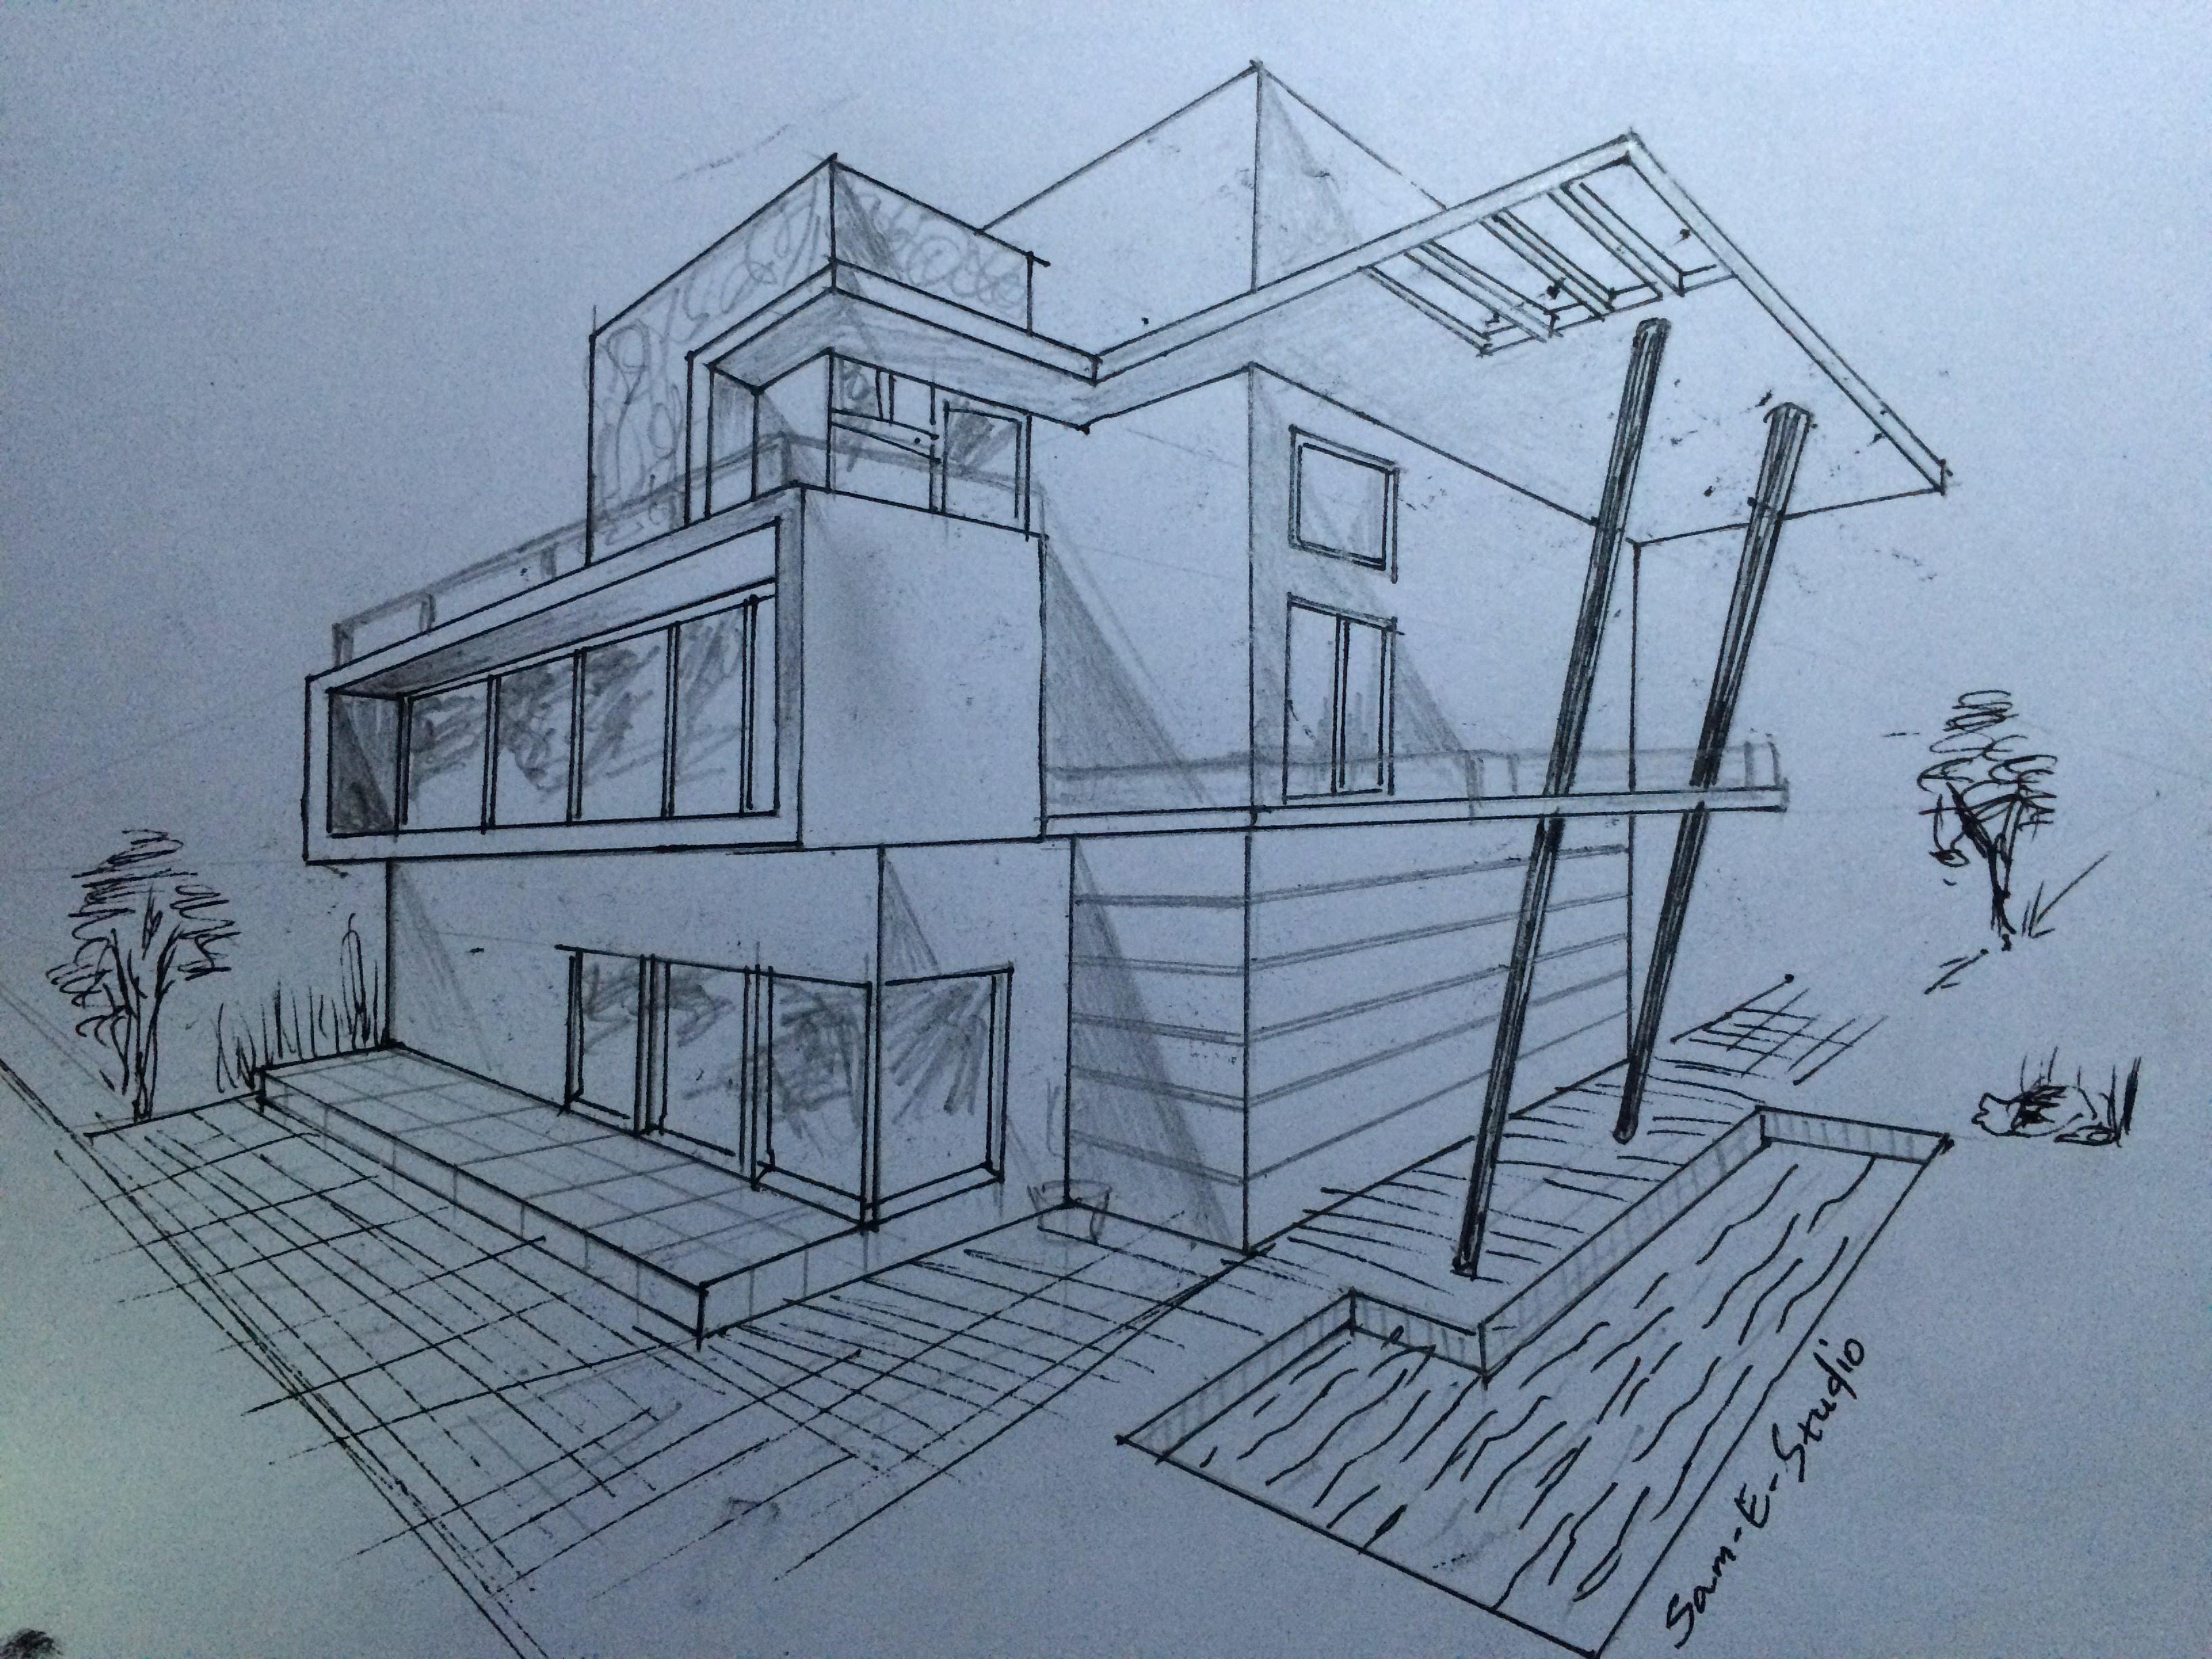 3264x2448 Software For Building A House Apartment Waplag Home Decor